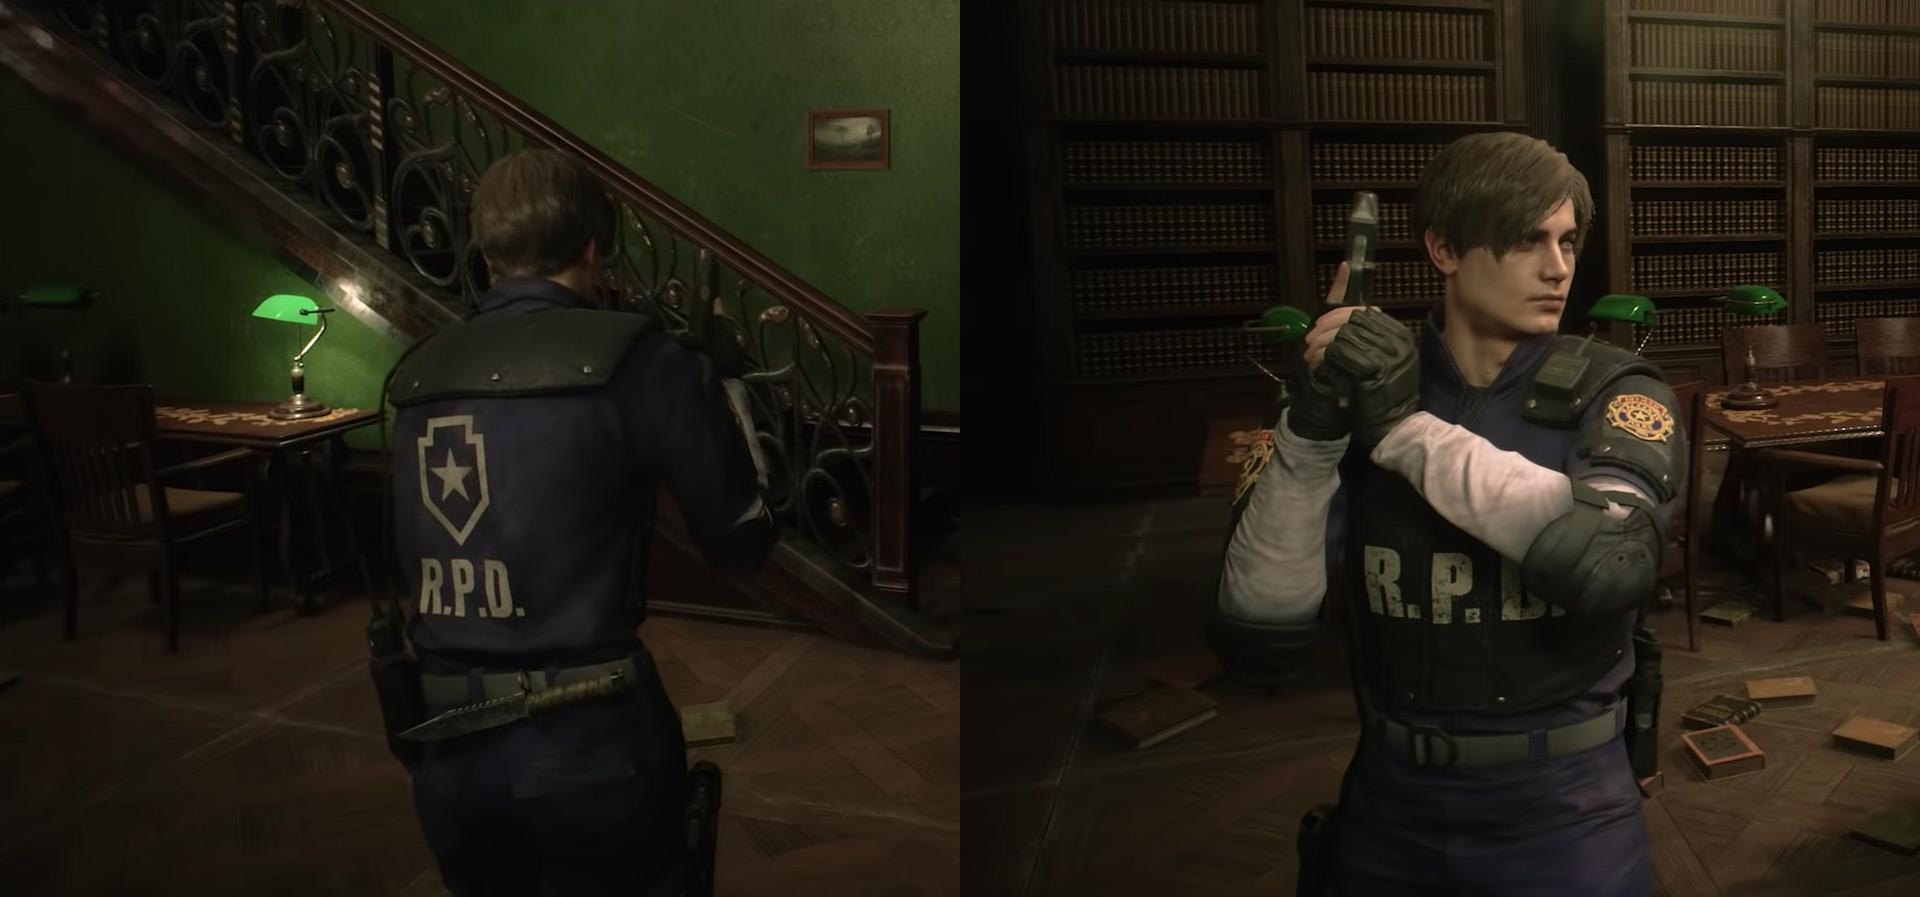 Capcom shows off Resident Evil 2's unlockable classic costumes